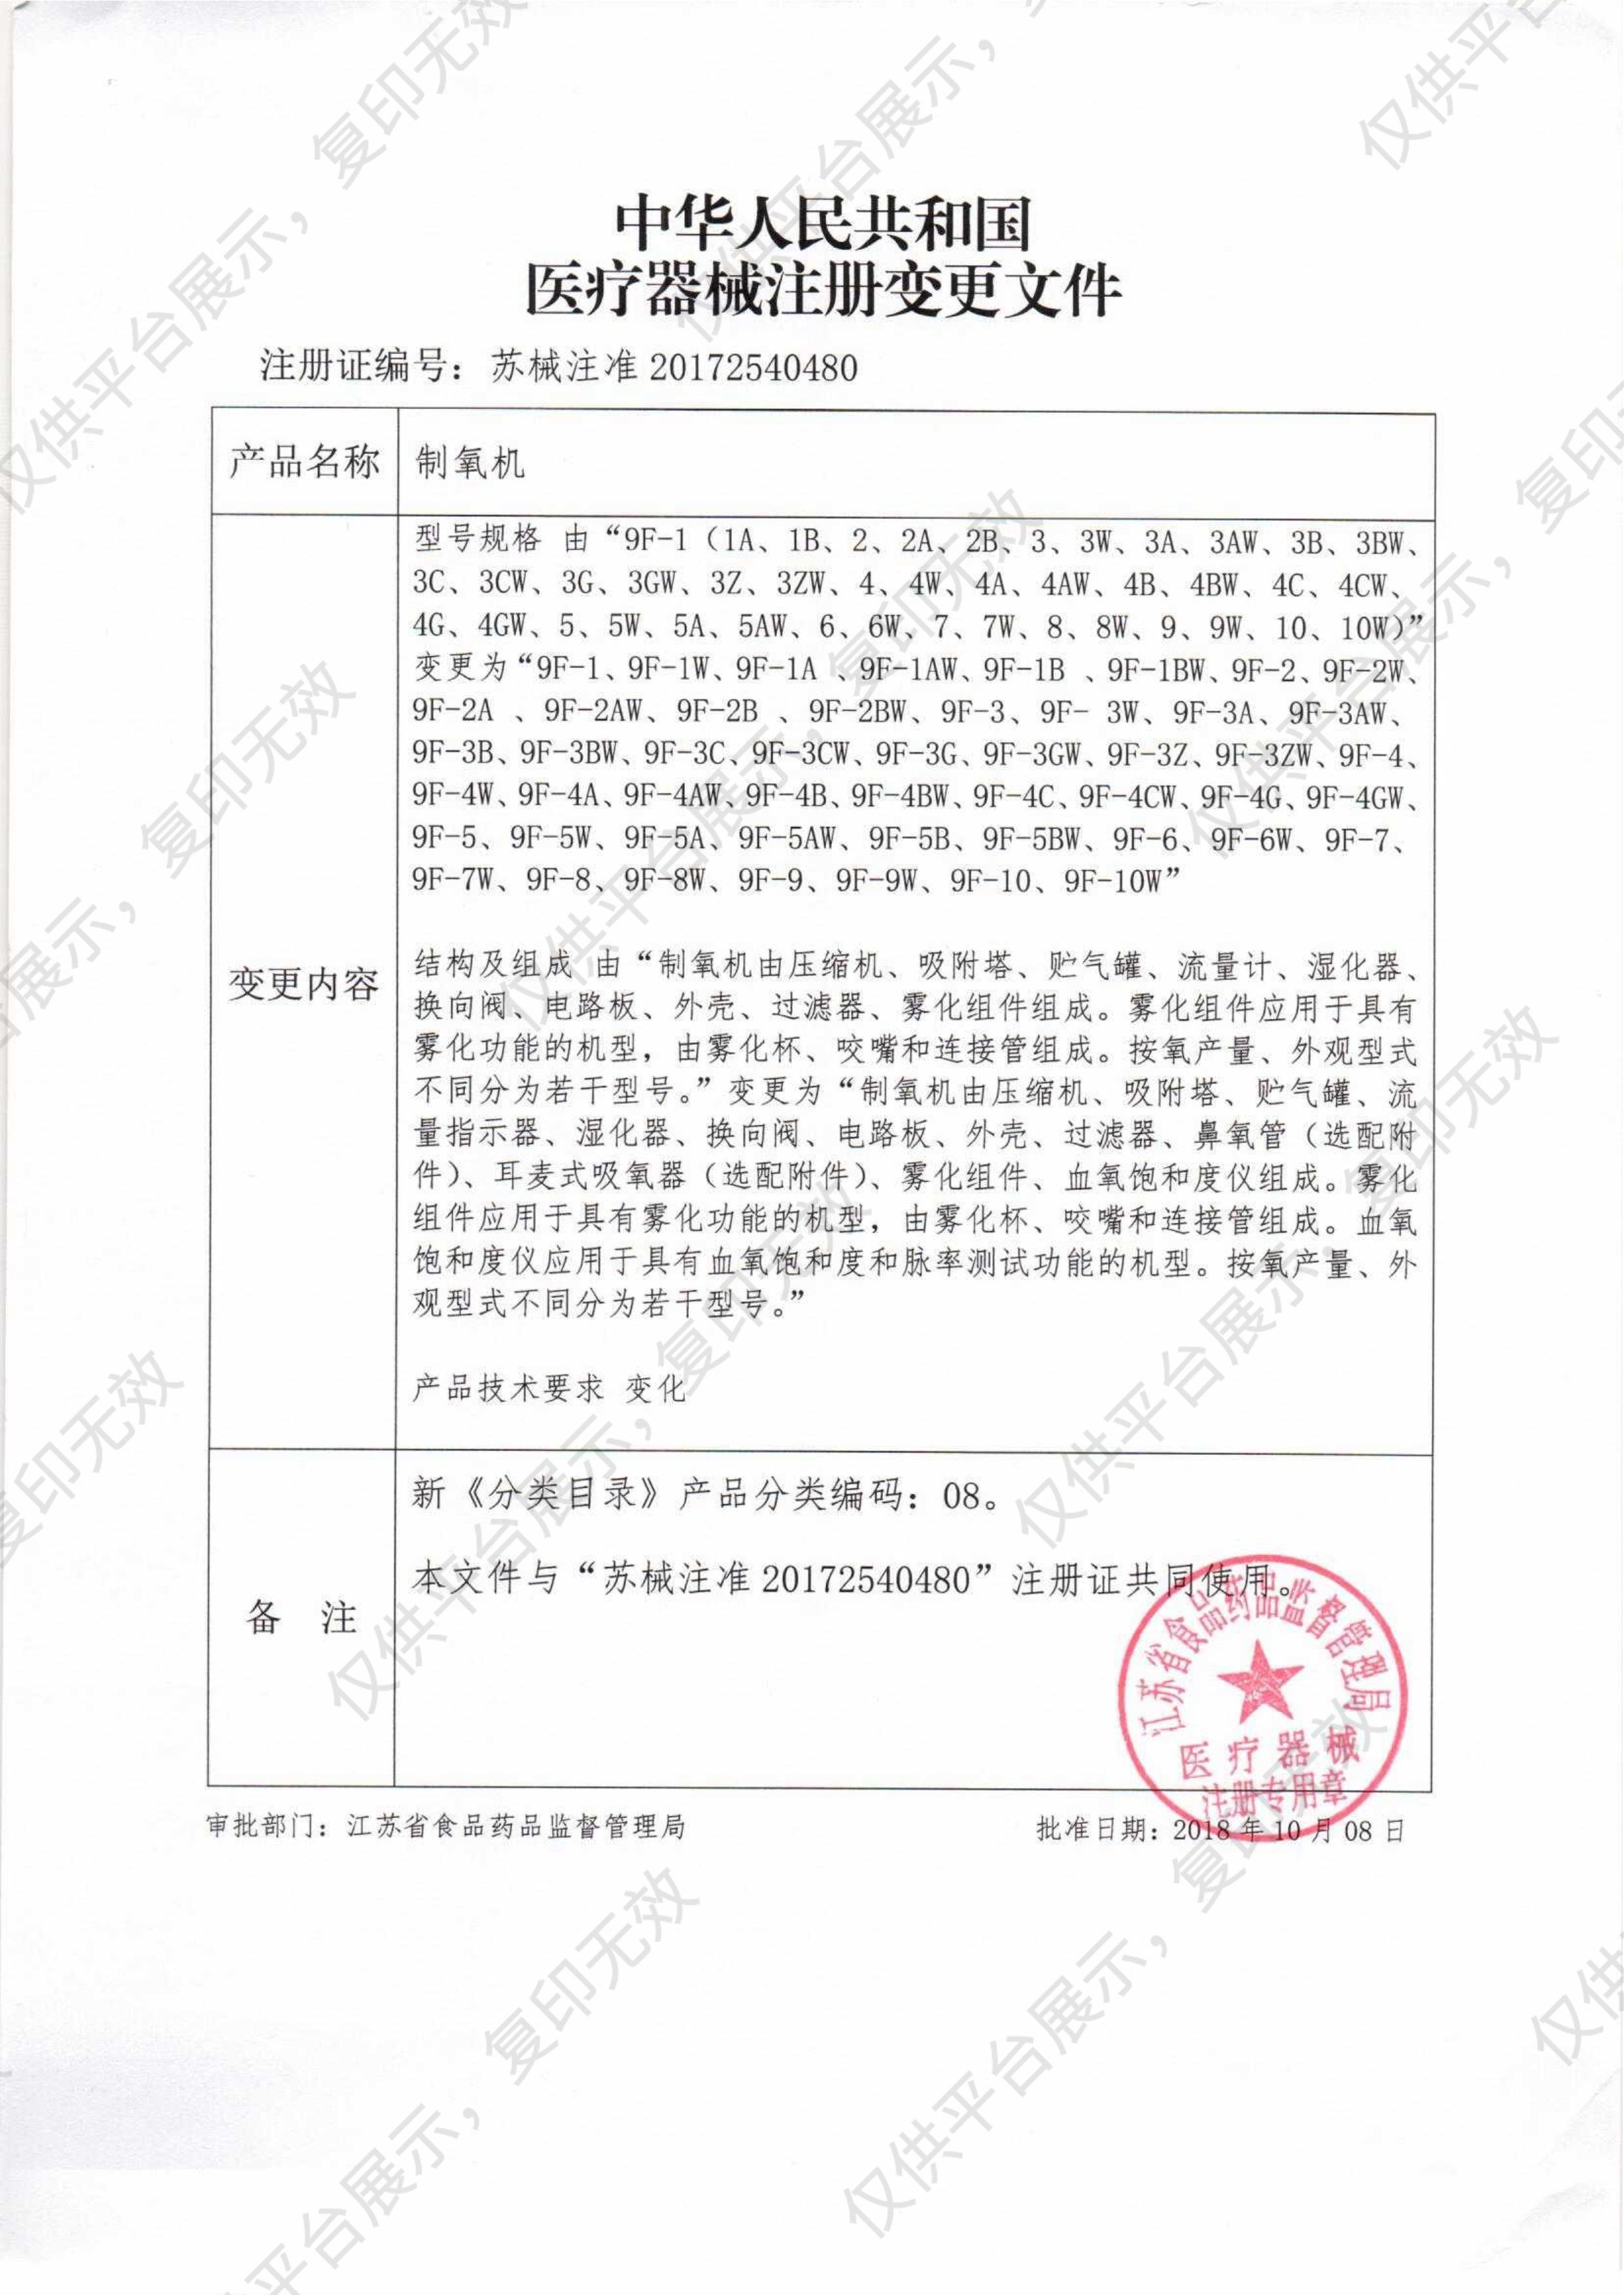 鱼跃yuwell  制氧机 9F-3注册证